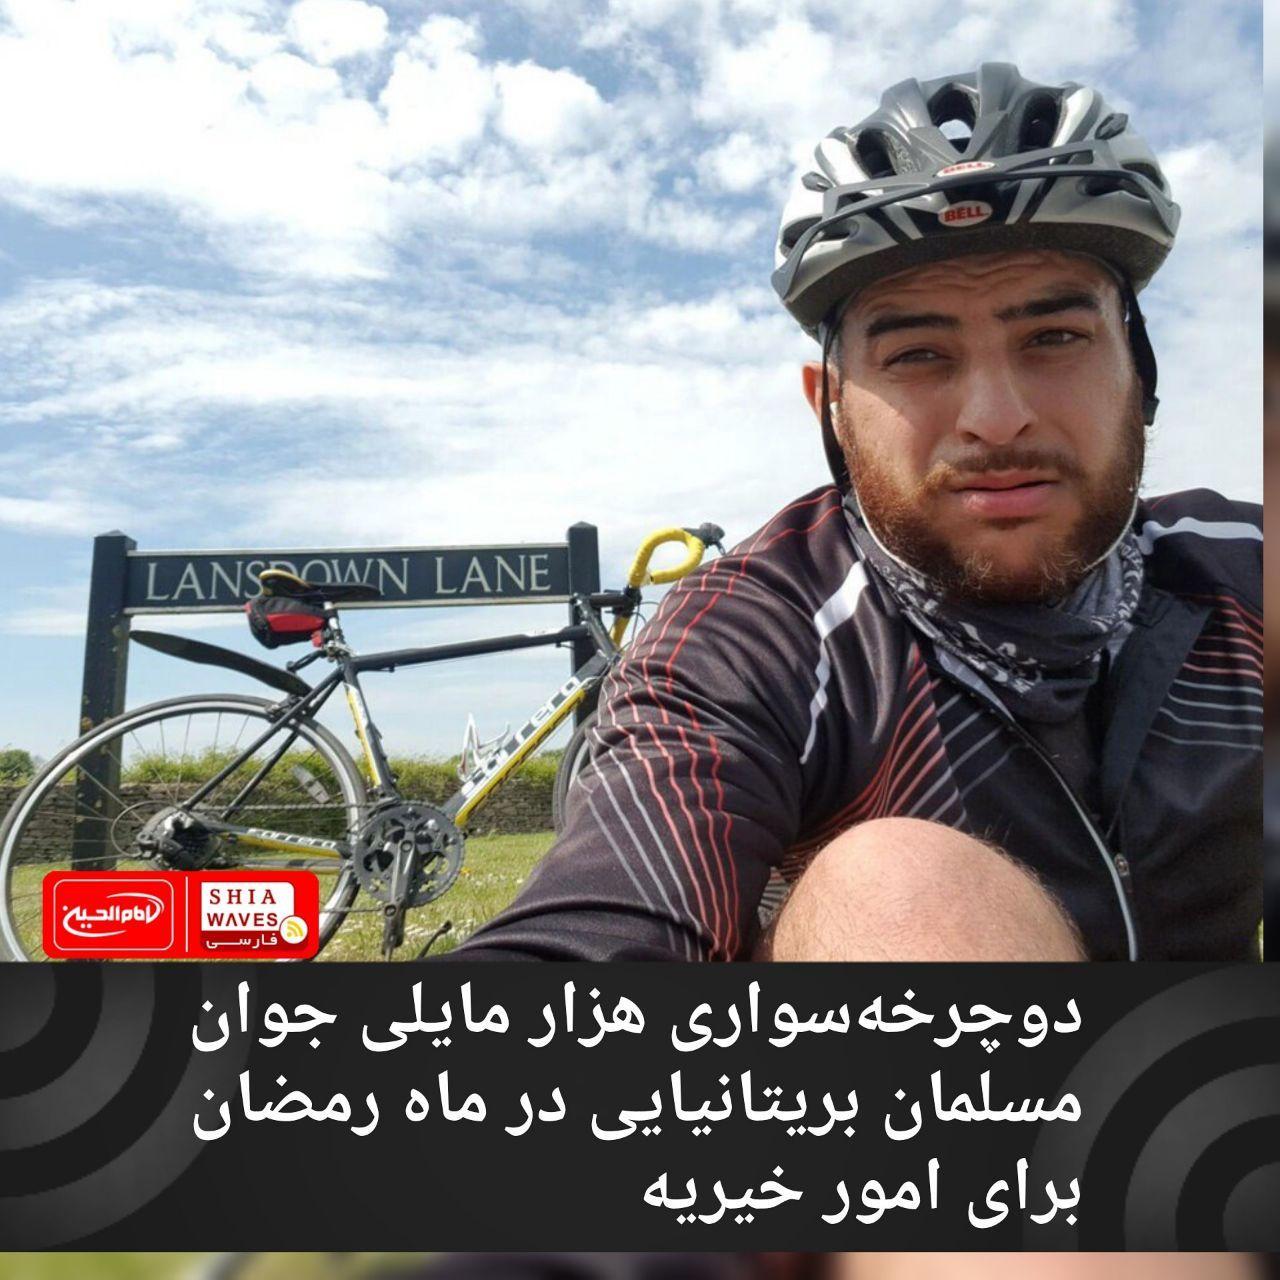 تصویر دوچرخهسواری هزار مایلی جوان مسلمان بریتانیایی در ماه رمضان برای امور خیریه